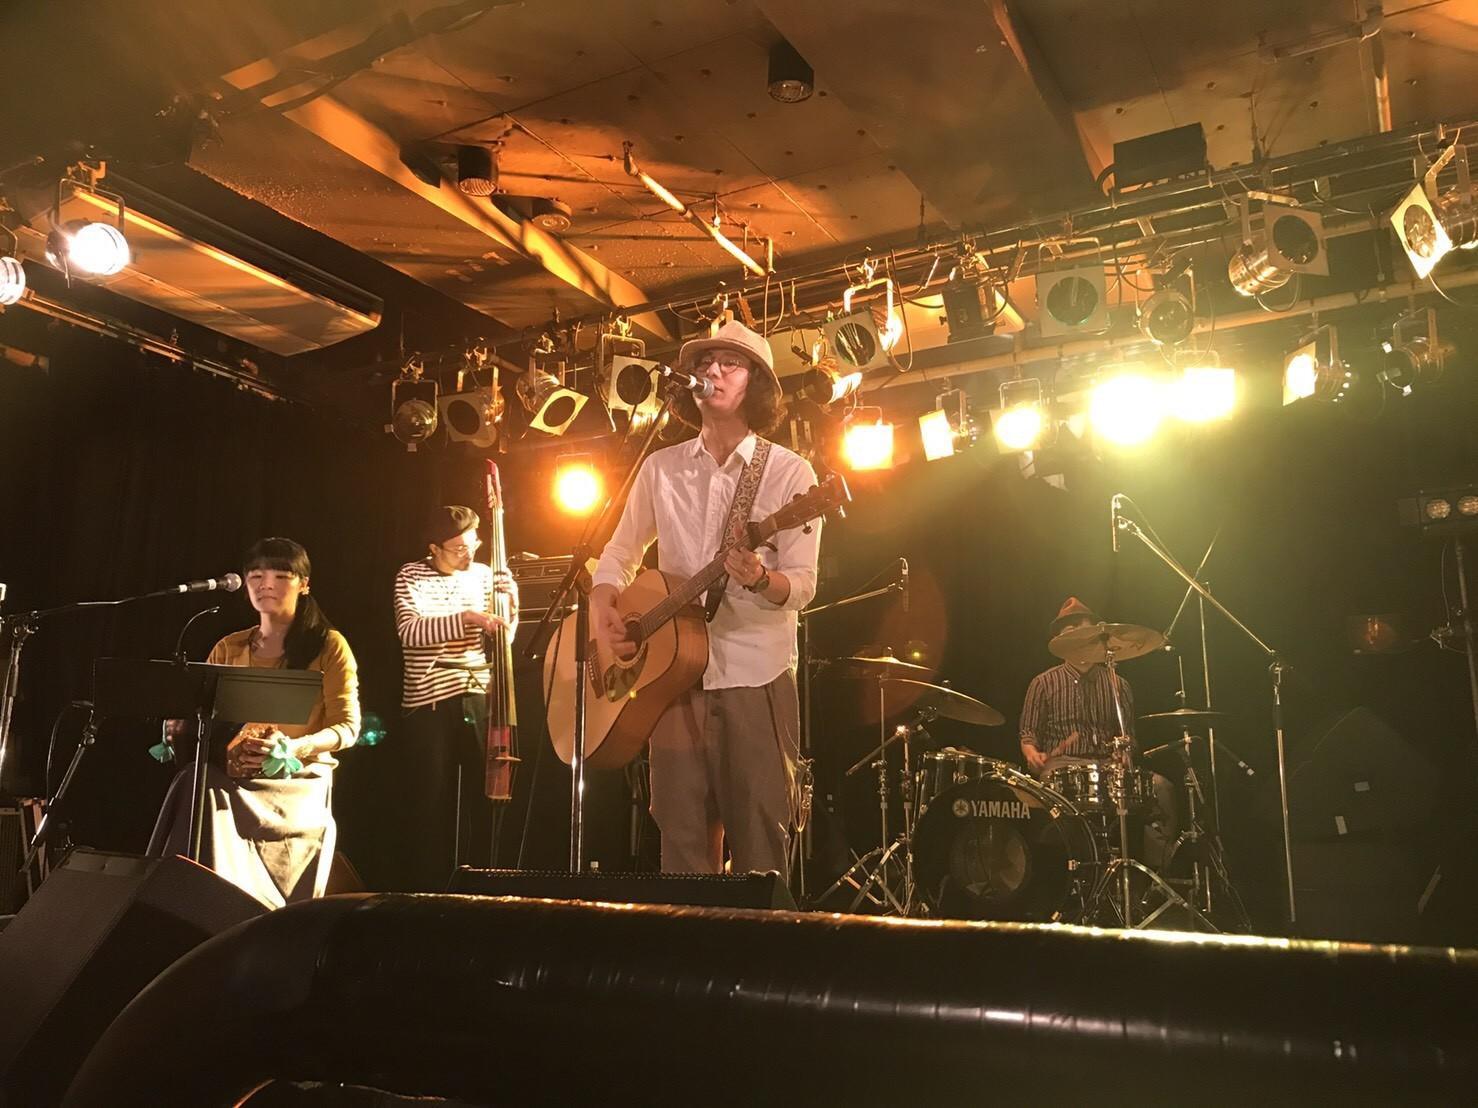 f:id:masakiwasada:20190401211907j:image